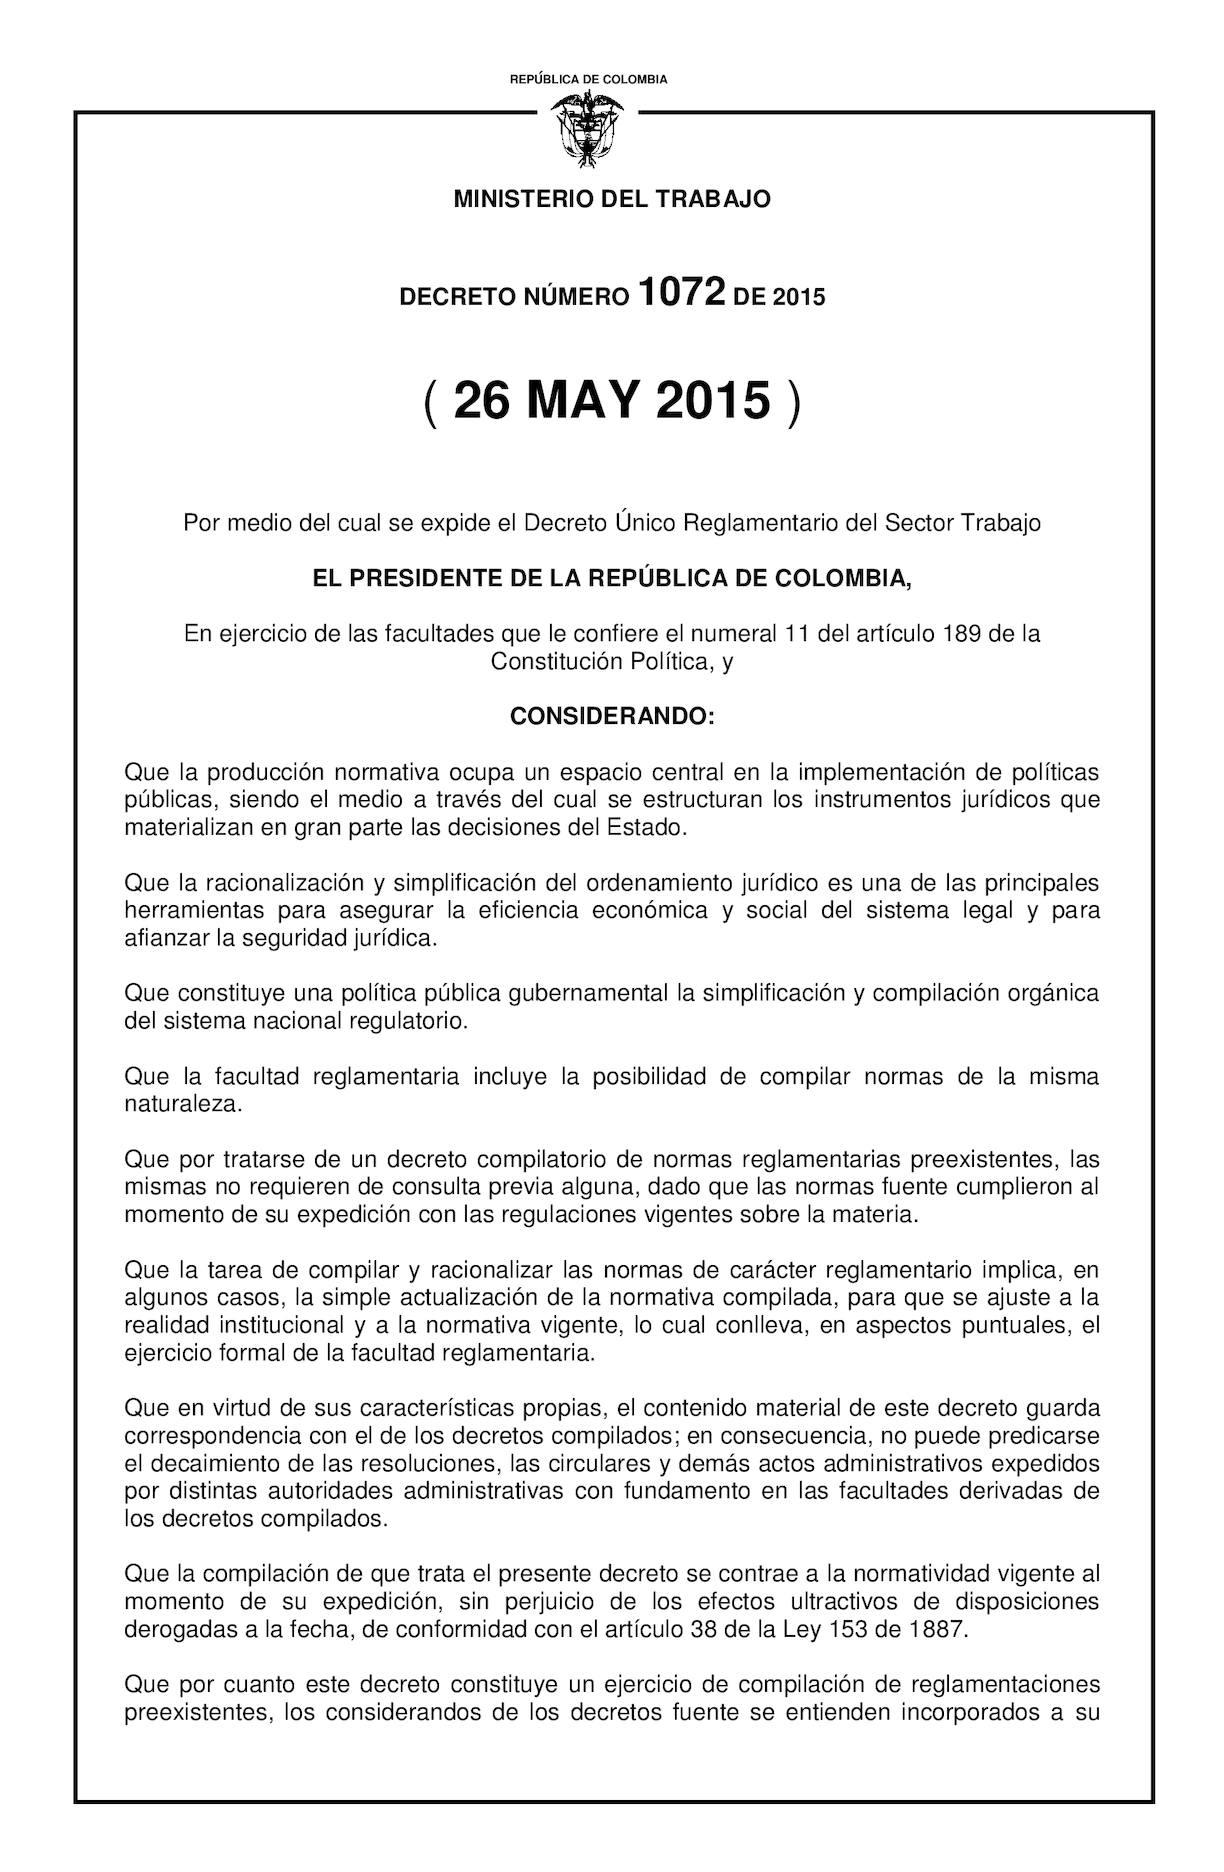 Calaméo - Decreto 1072 De 2015 Unico Reglamentario Del Sector Trabajo